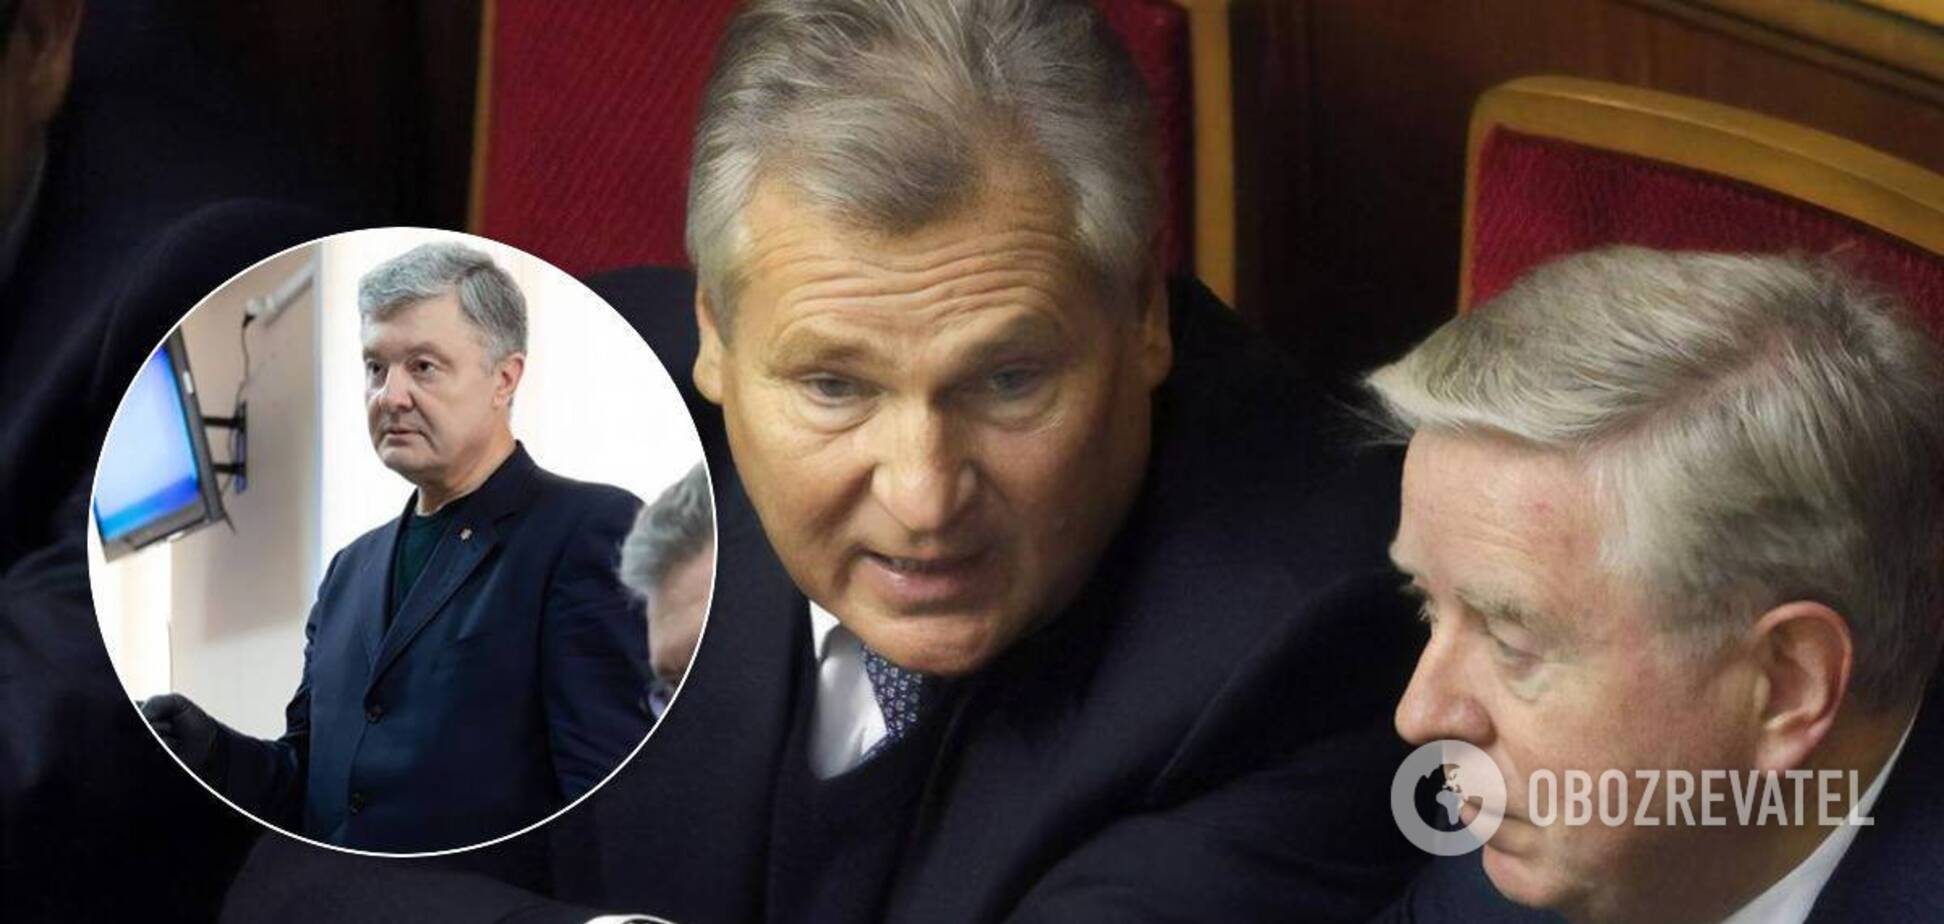 'Дело' против Порошенко требует пристального внимания, решение суда не является точкой, – Кокс и Квасьневский